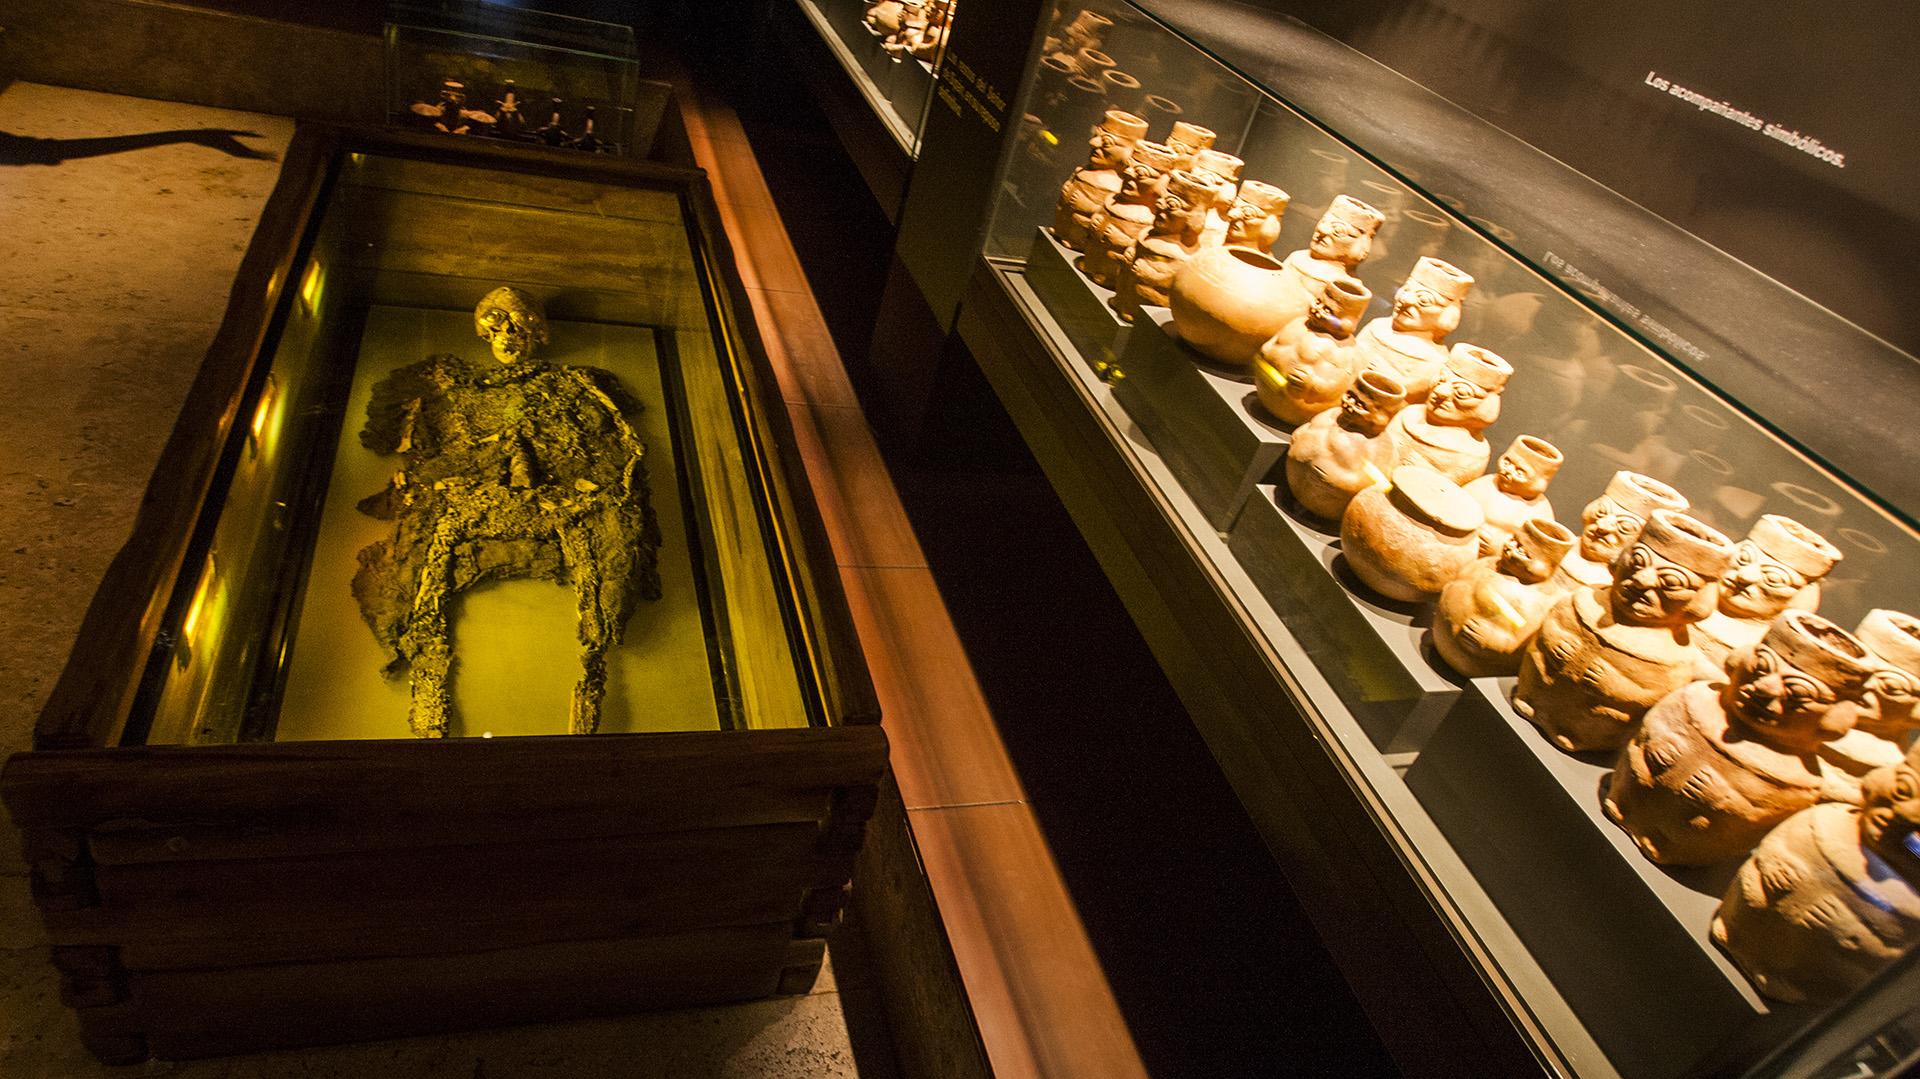 Restos del Señor de Sipán y cerámica de la cultura Moche, Museo Tumbas Reales de Sipán